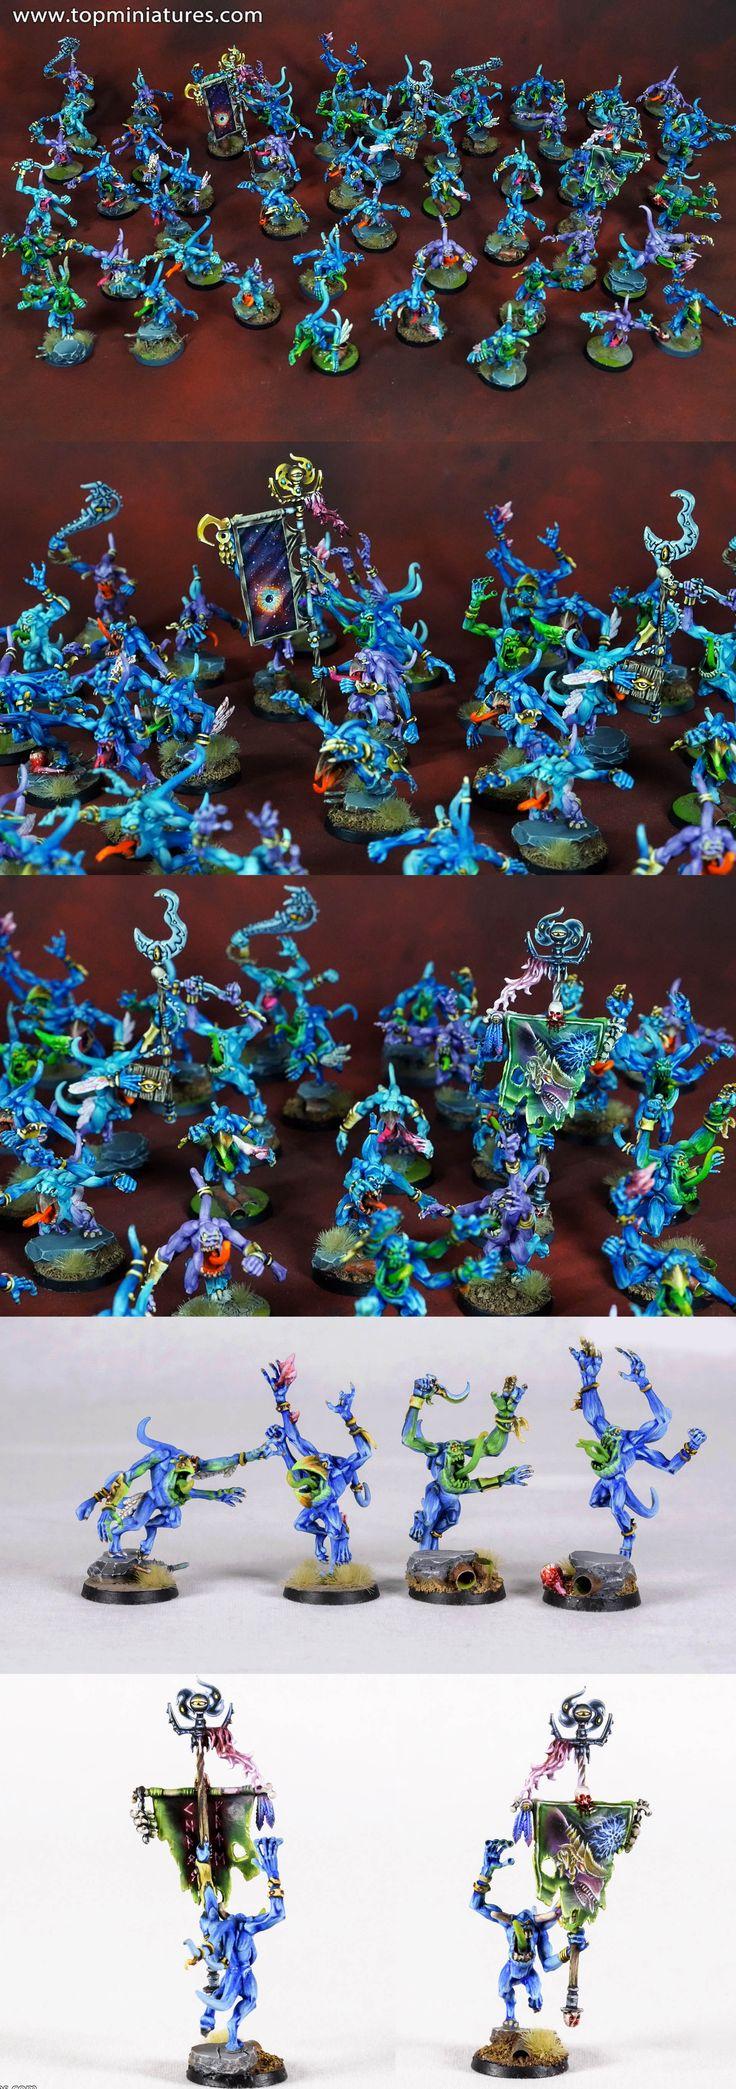 Warhammer 40k chaos daemons pink horrors of tzeentch